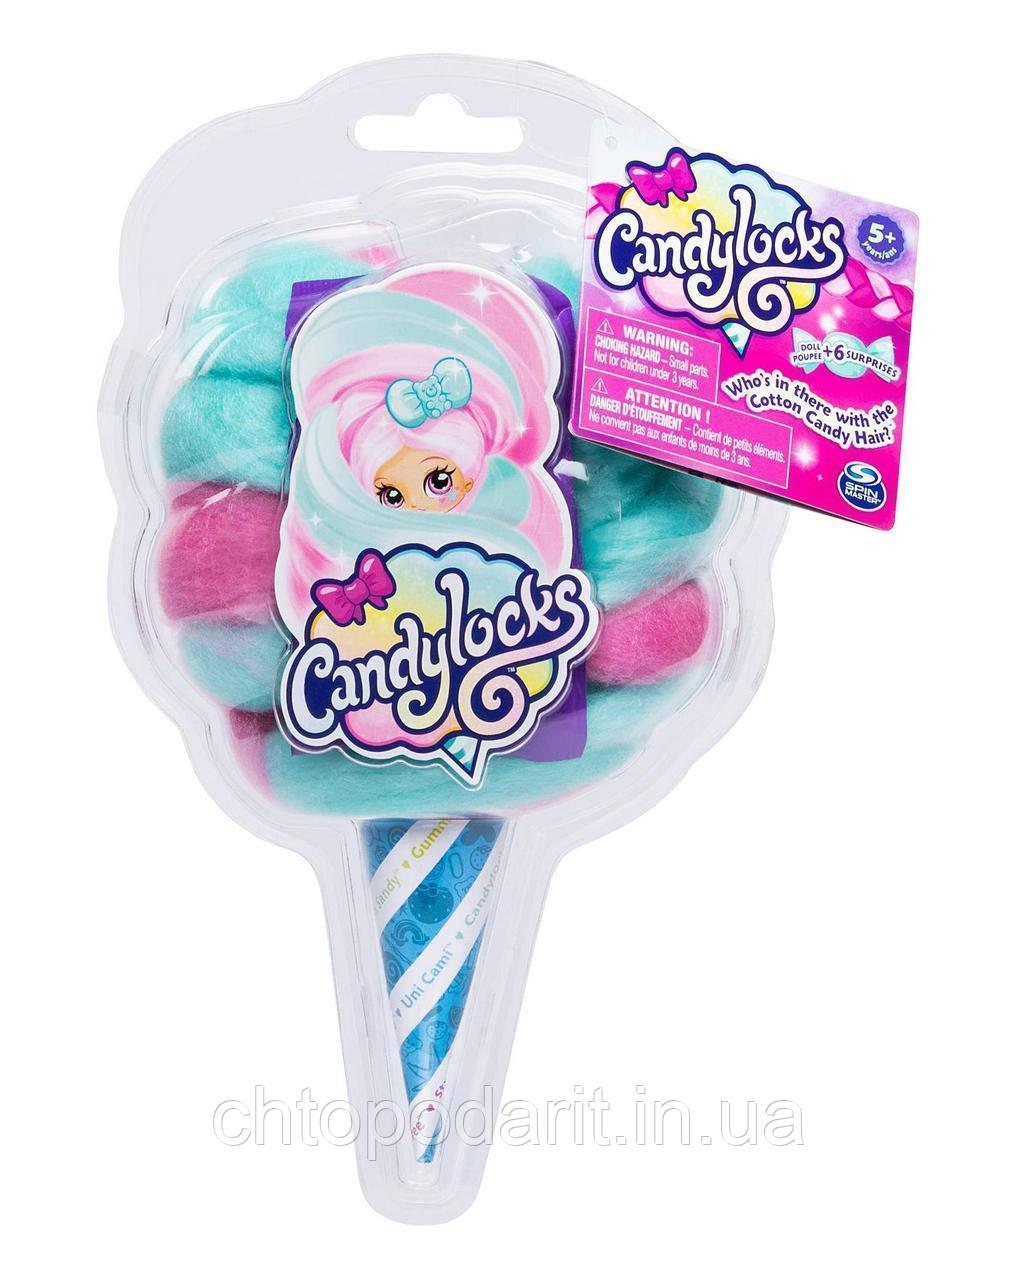 """Кукла """"Кендилукс сладкая вата"""" Candylocks с цветными волосами Код 12-2107"""